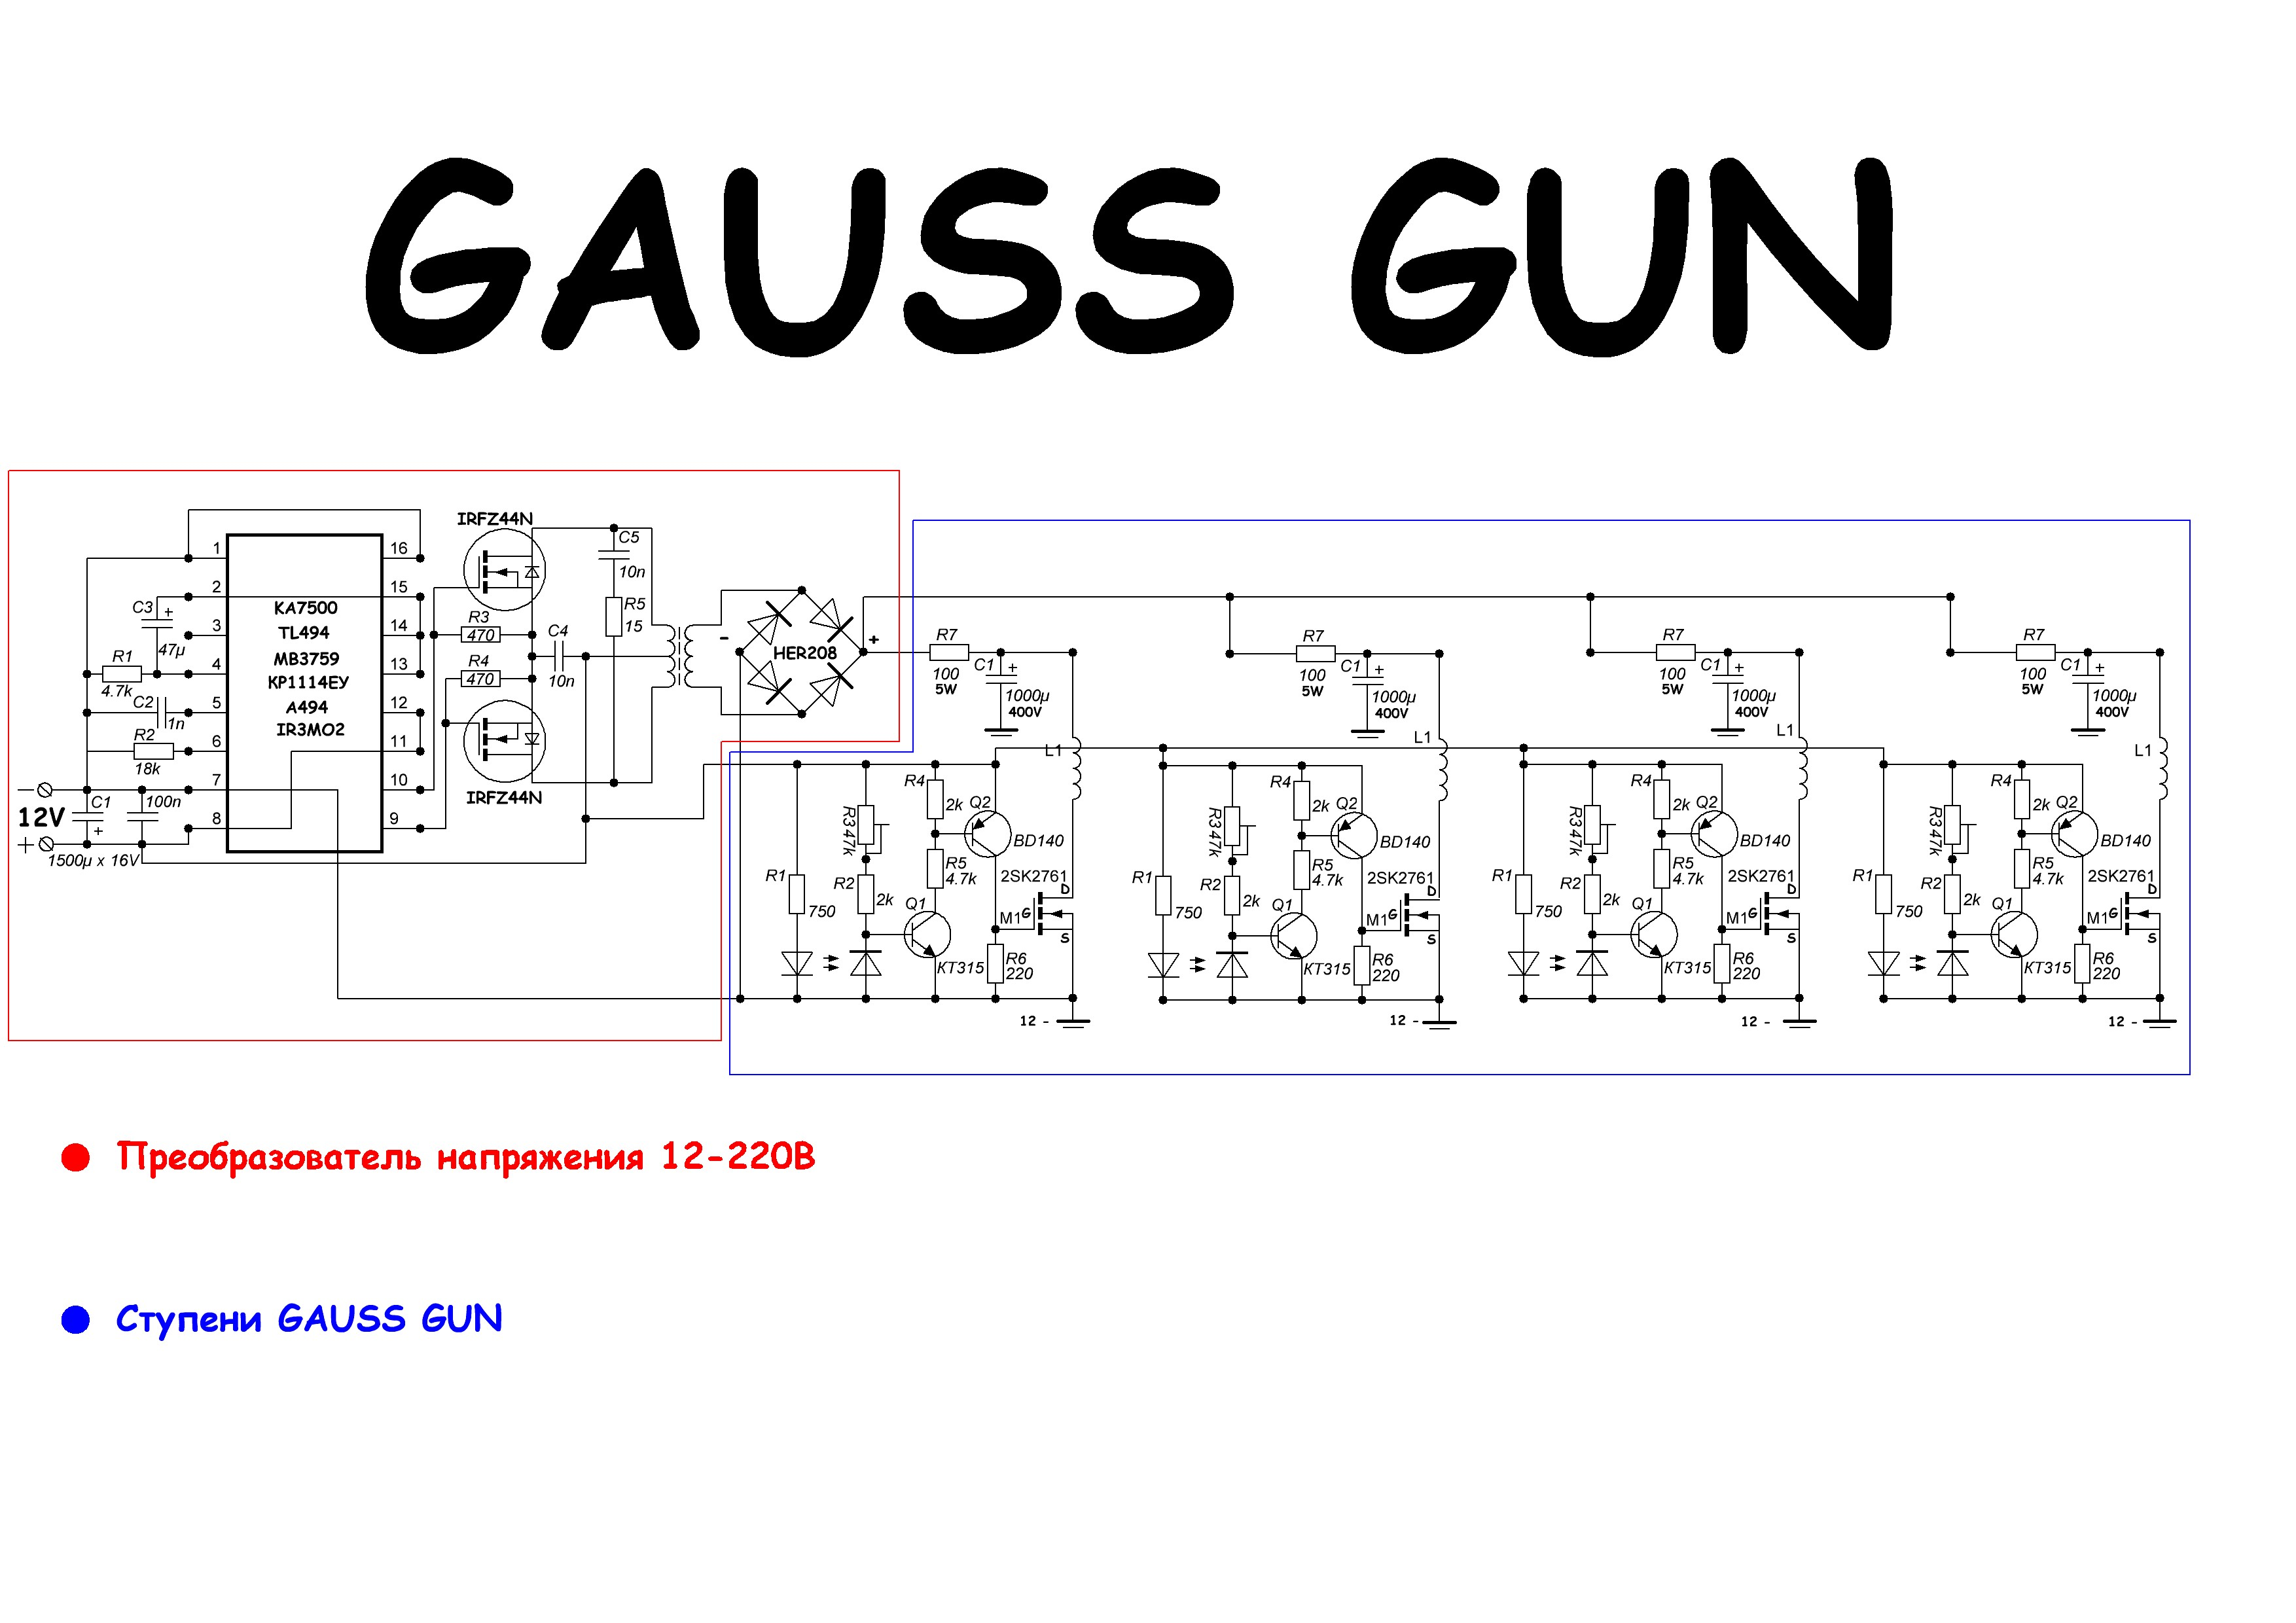 Многоступенчатая пушка гаусса схема